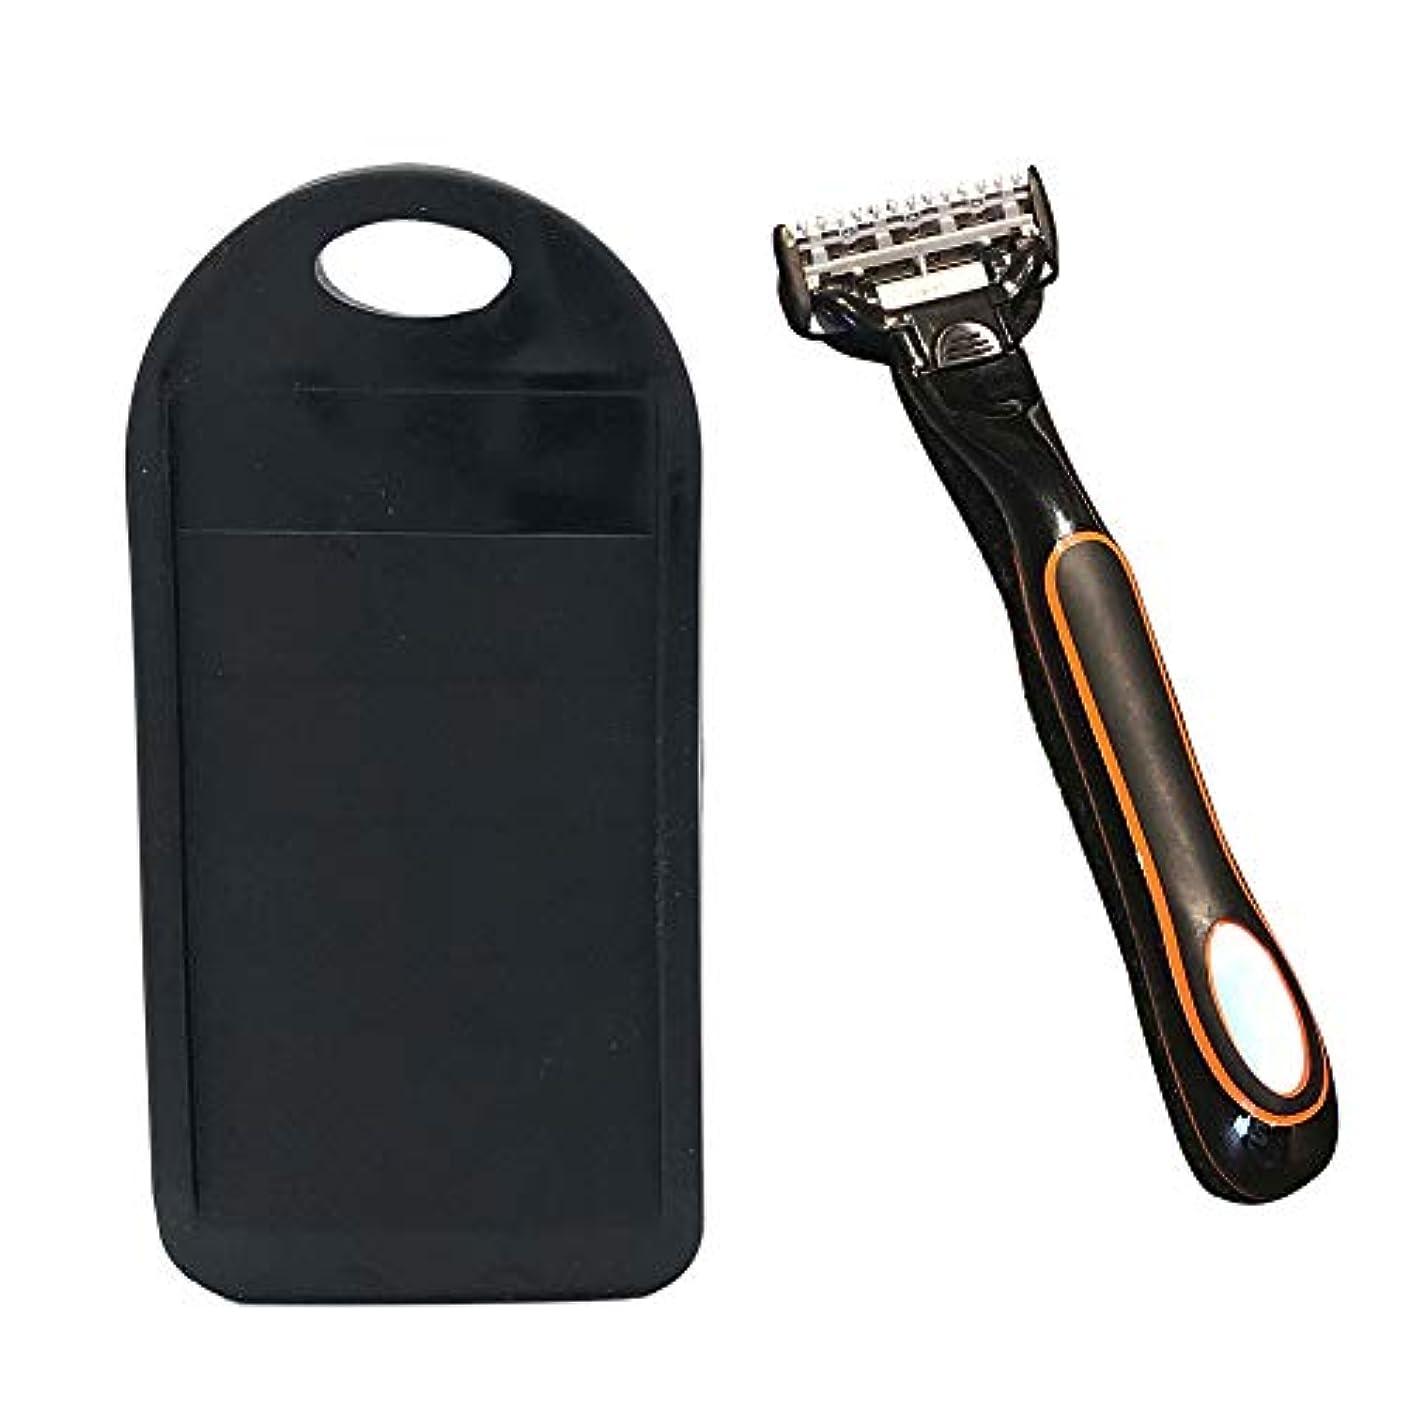 祝福する葬儀繁殖シェーバークリーナー、男性女性耐久性のある便利な手動カミソリ刃研ぎ器ユニバーサルクリーナー、カミソリ刃の寿命を延ばす